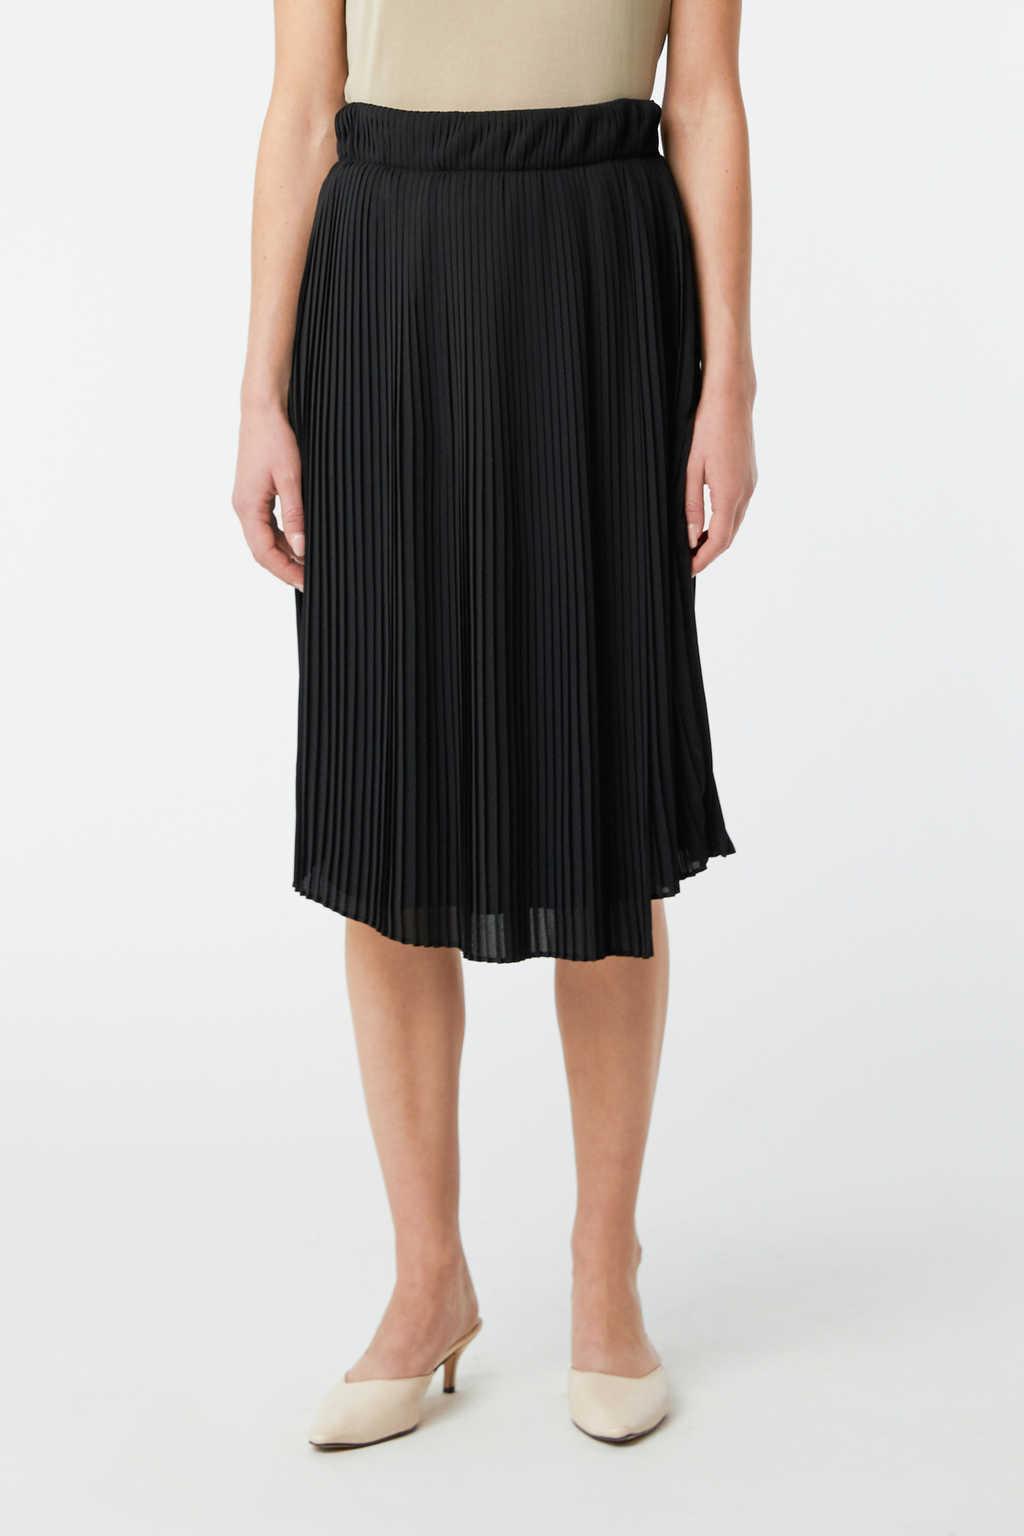 Skirt 3078 Black 9